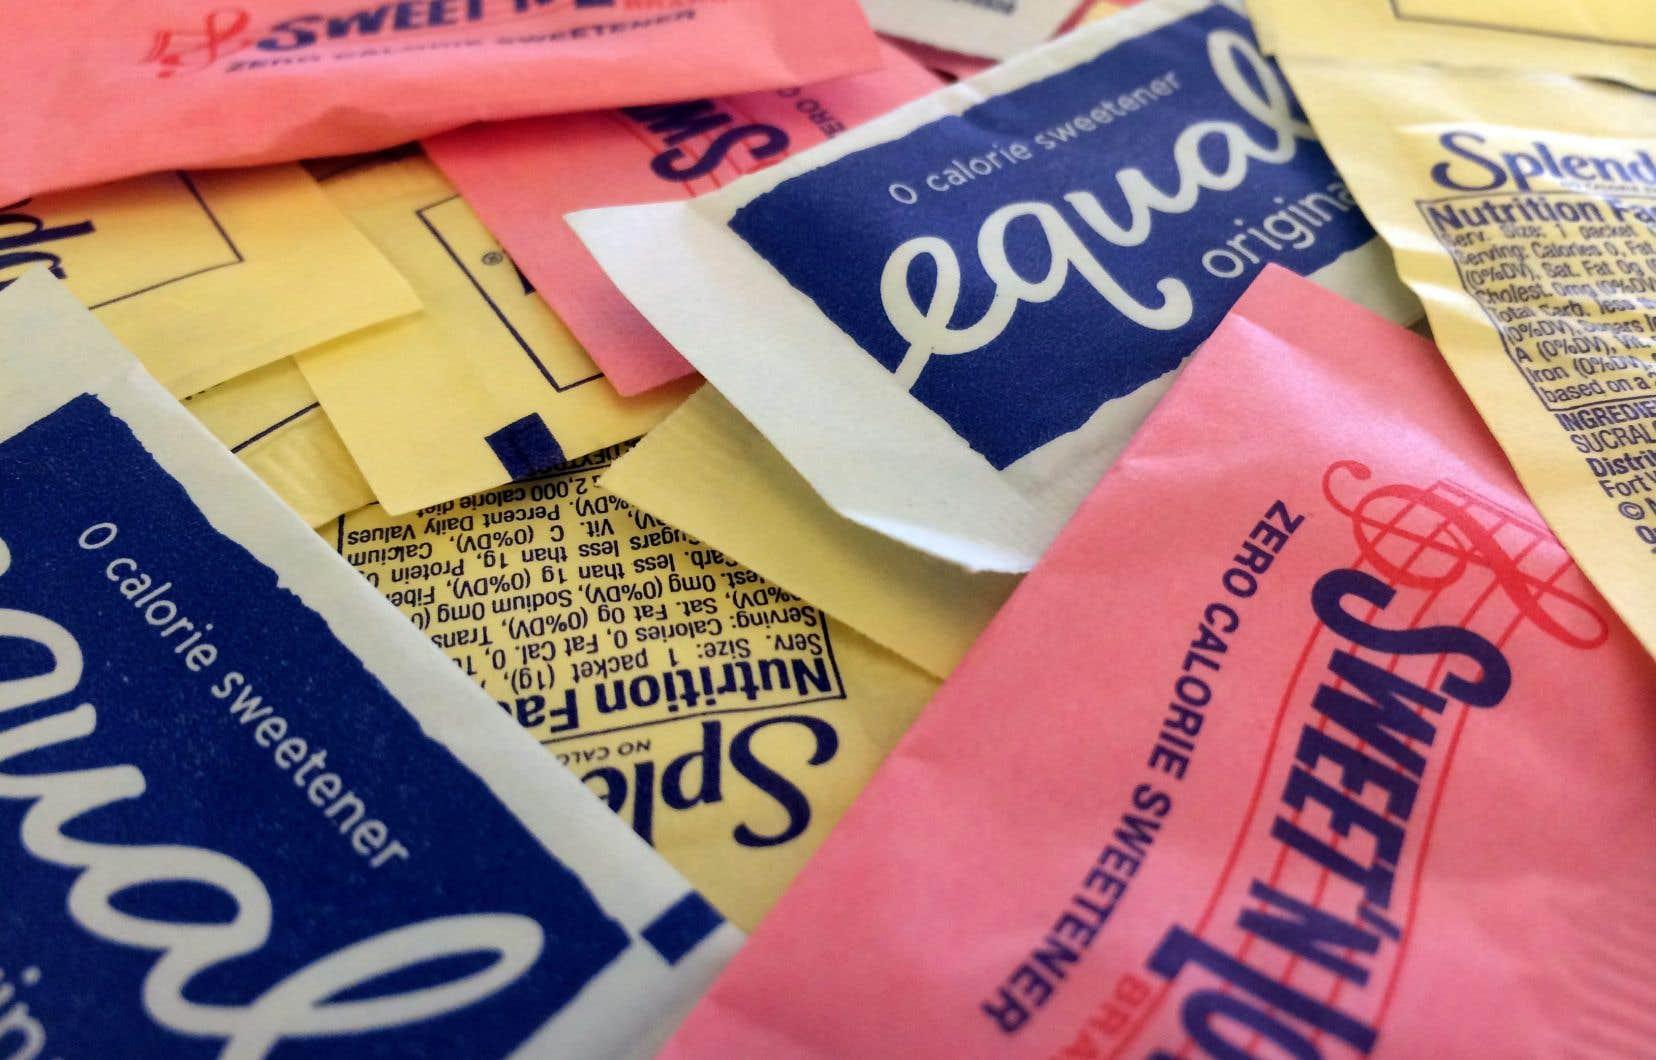 Ces édulcorants sont utilisés pour remplacer le fructose, le glucose et le sucrose. L'industrie des édulcorants générerait des recettes de 2,2milliards $US chaque année.